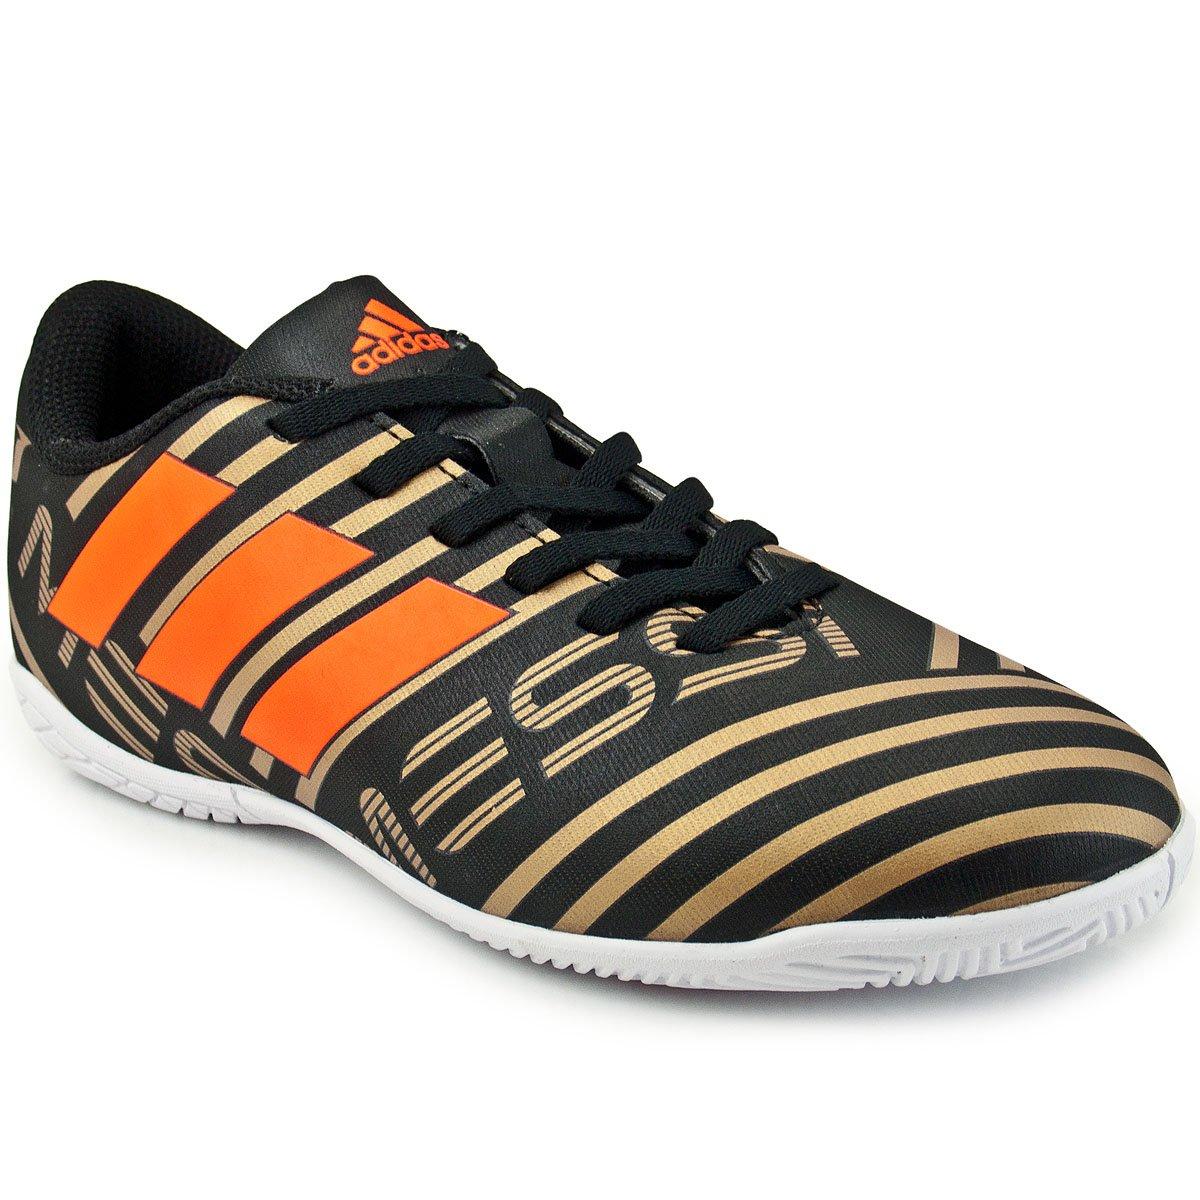 9a565ebb4e Chuteira Adidas Nemeziz Messi Tango 17.4